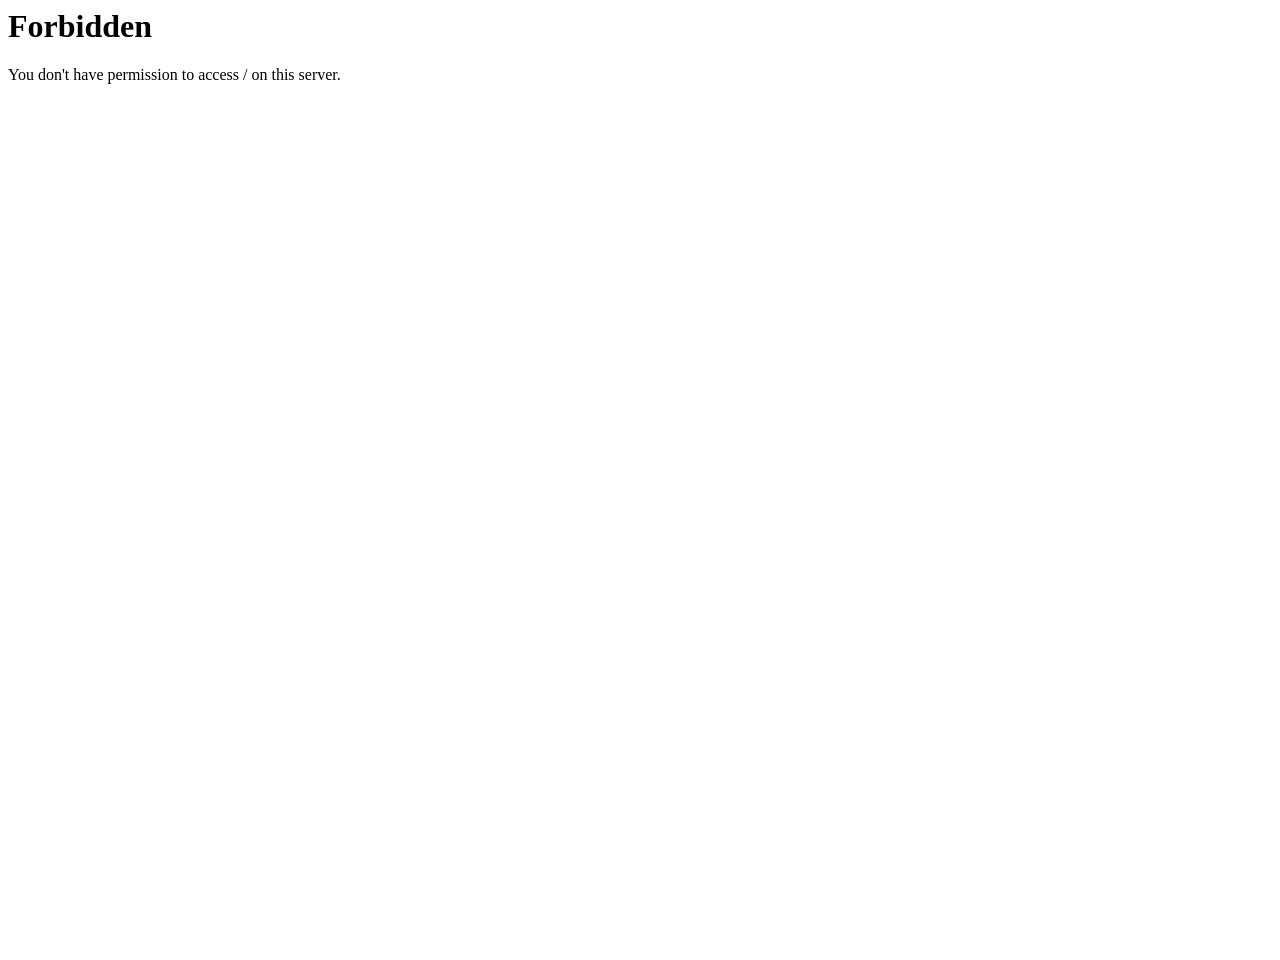 ひまわりテニスクラブ